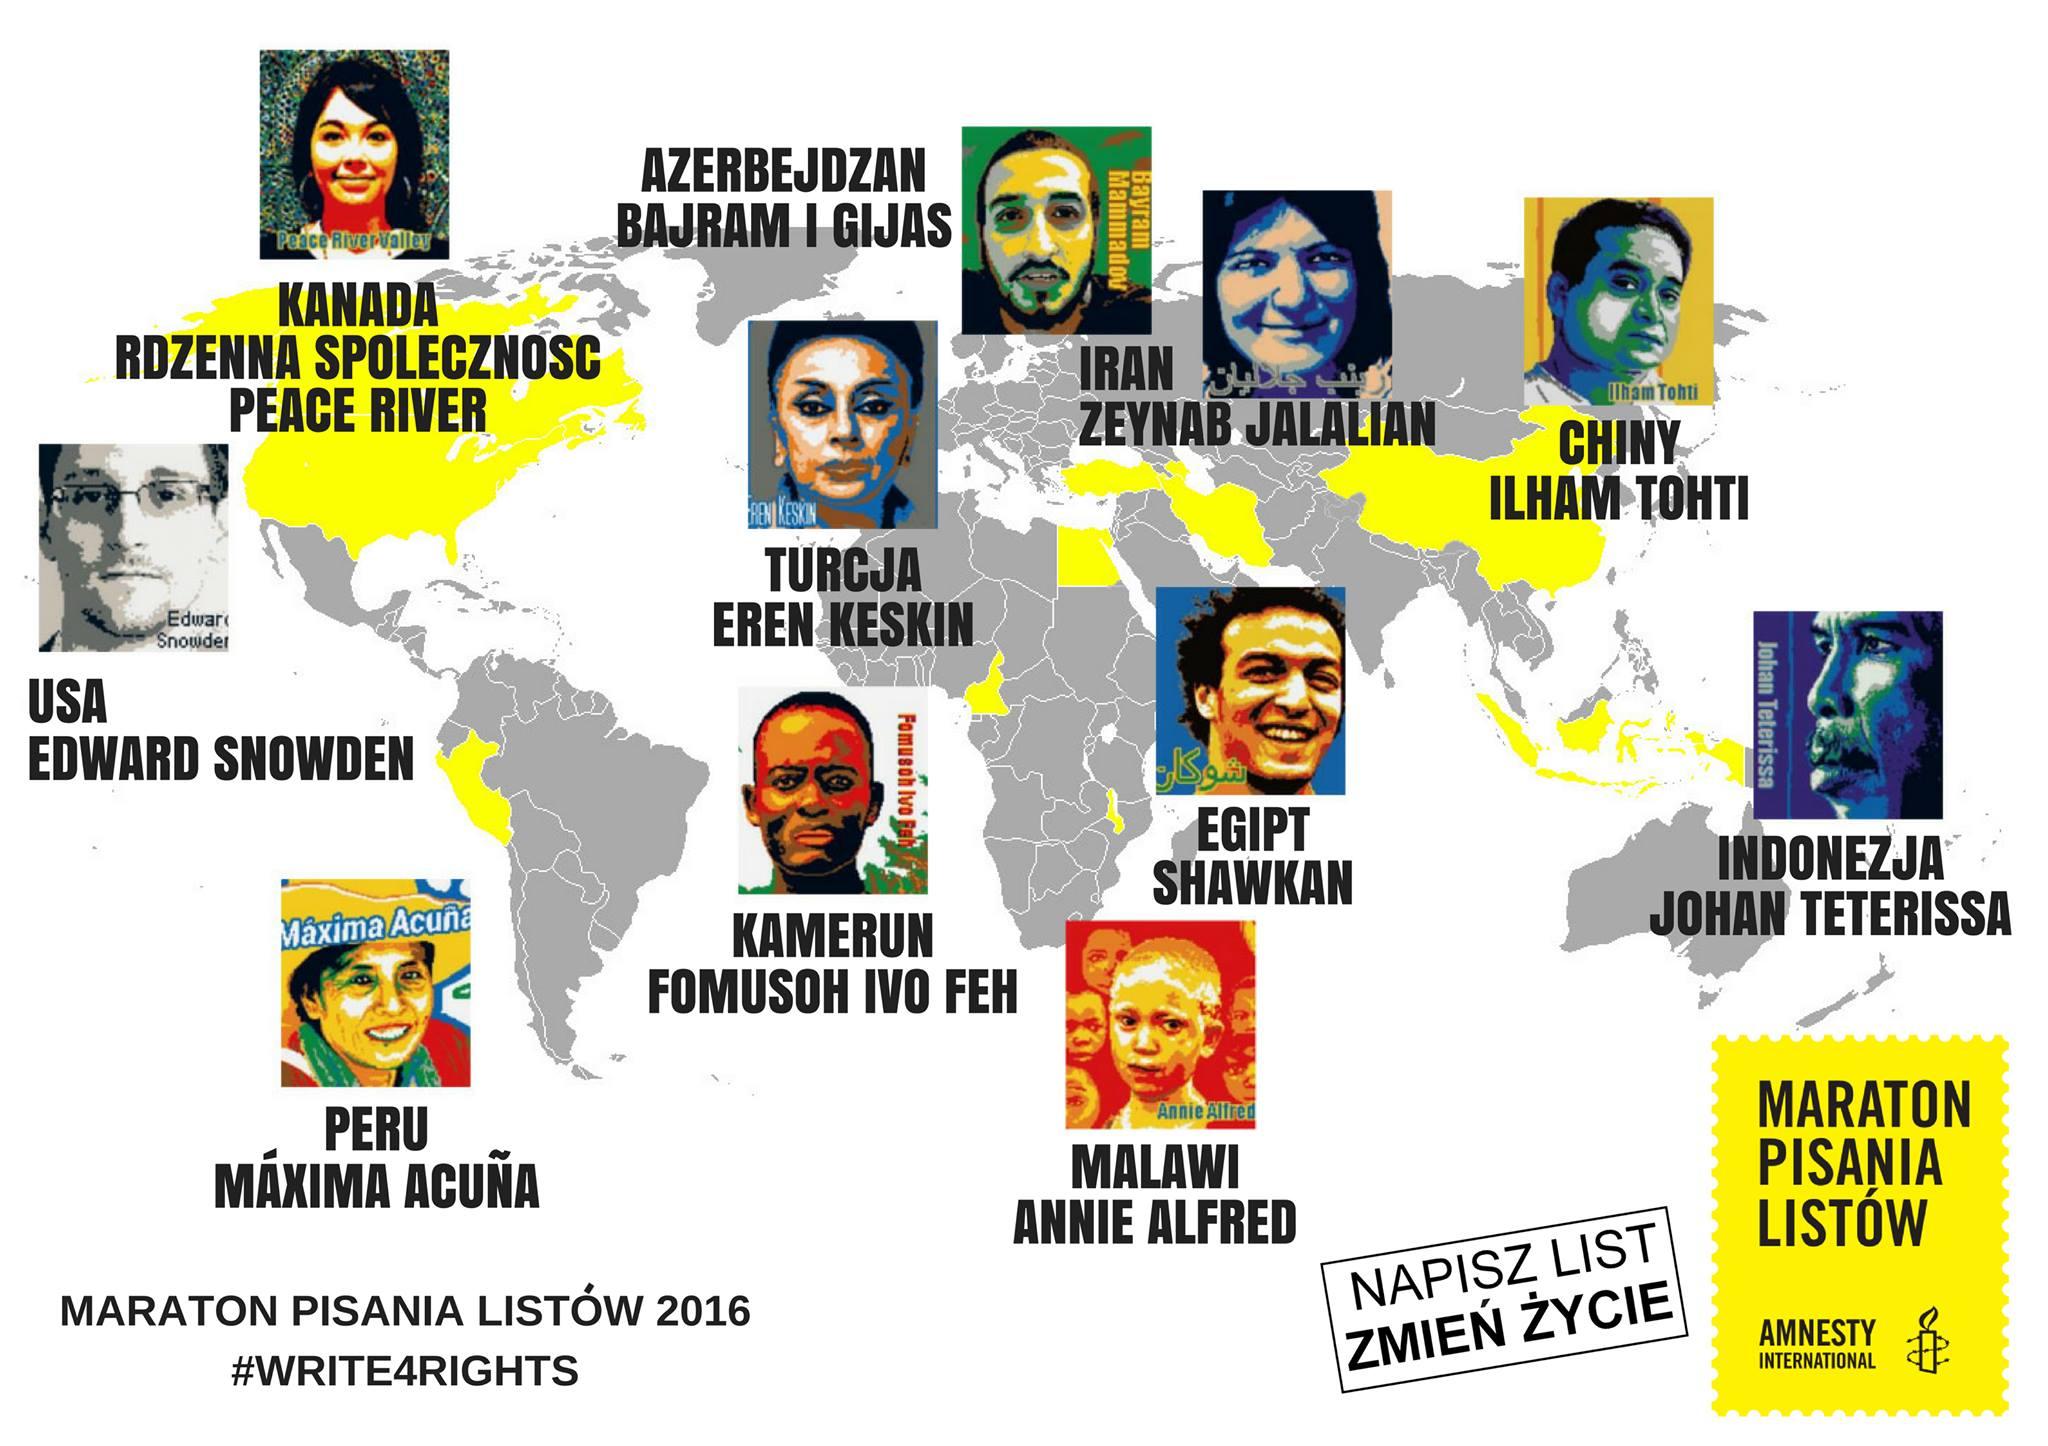 Zdjęcie: Materiały Amnesty International